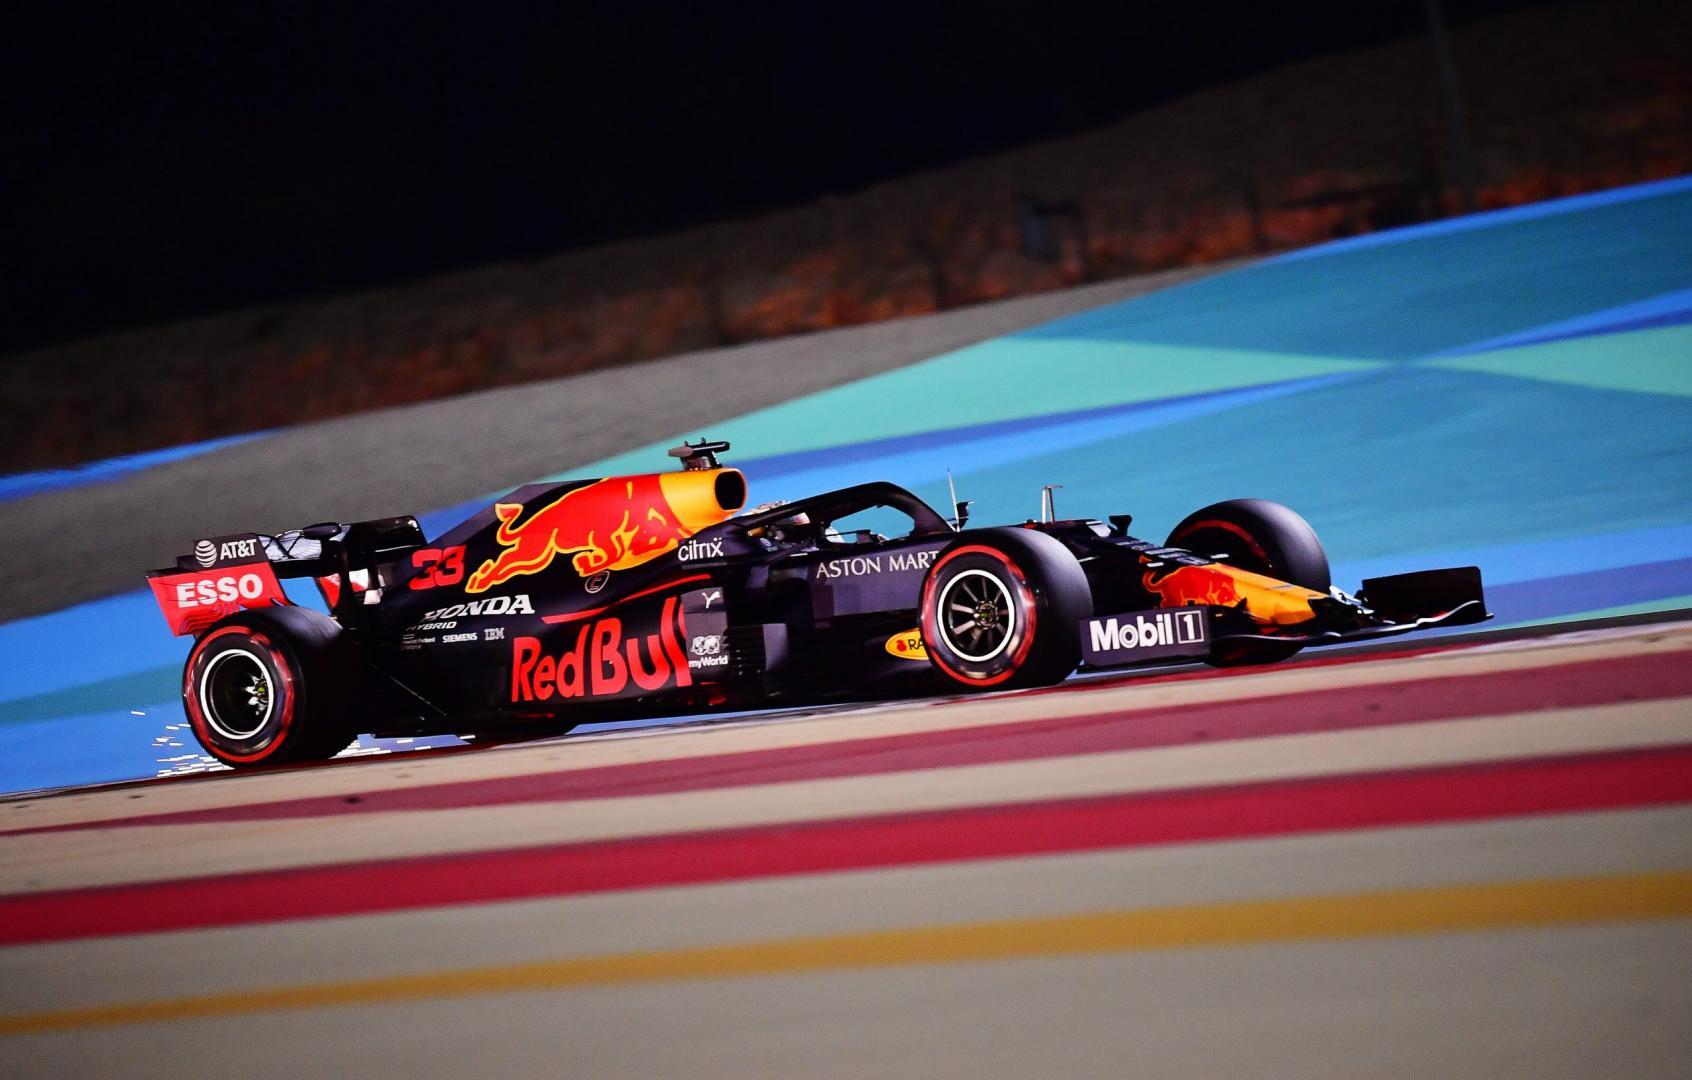 Uitslag van de GP van Bahrein 2020